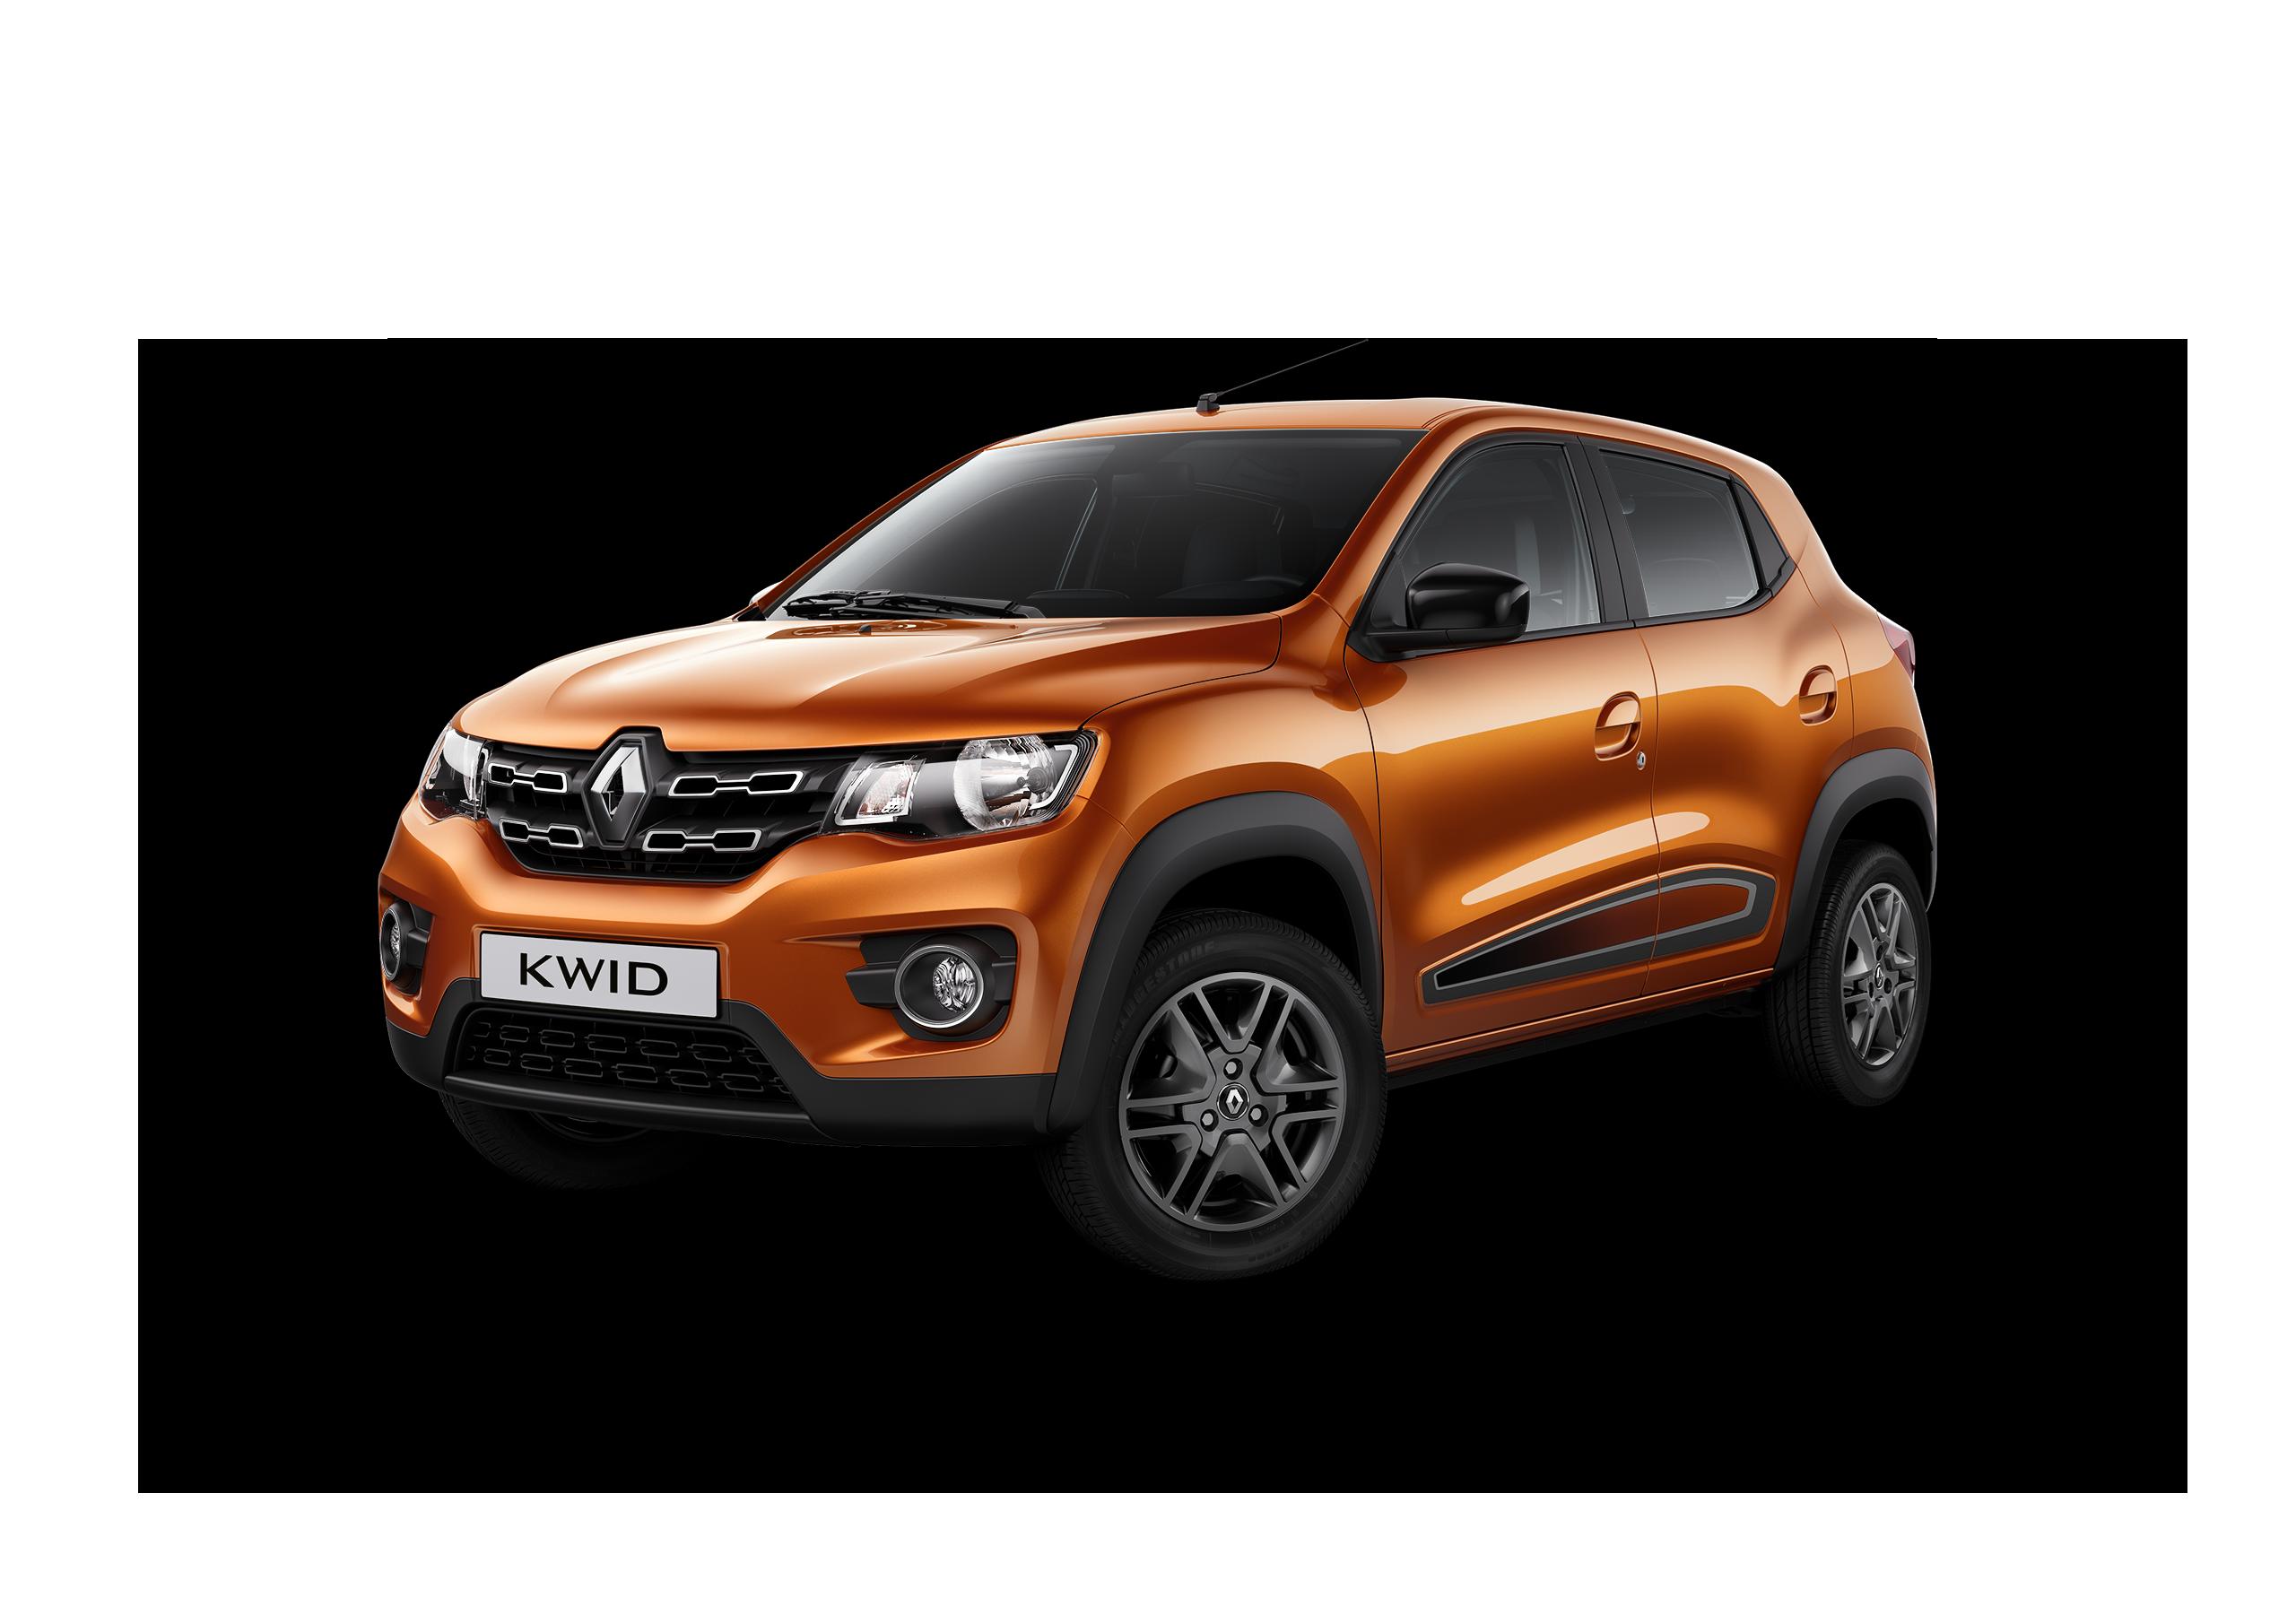 Renault >> Galeria de fotos: Renault Kwid - Motor Show